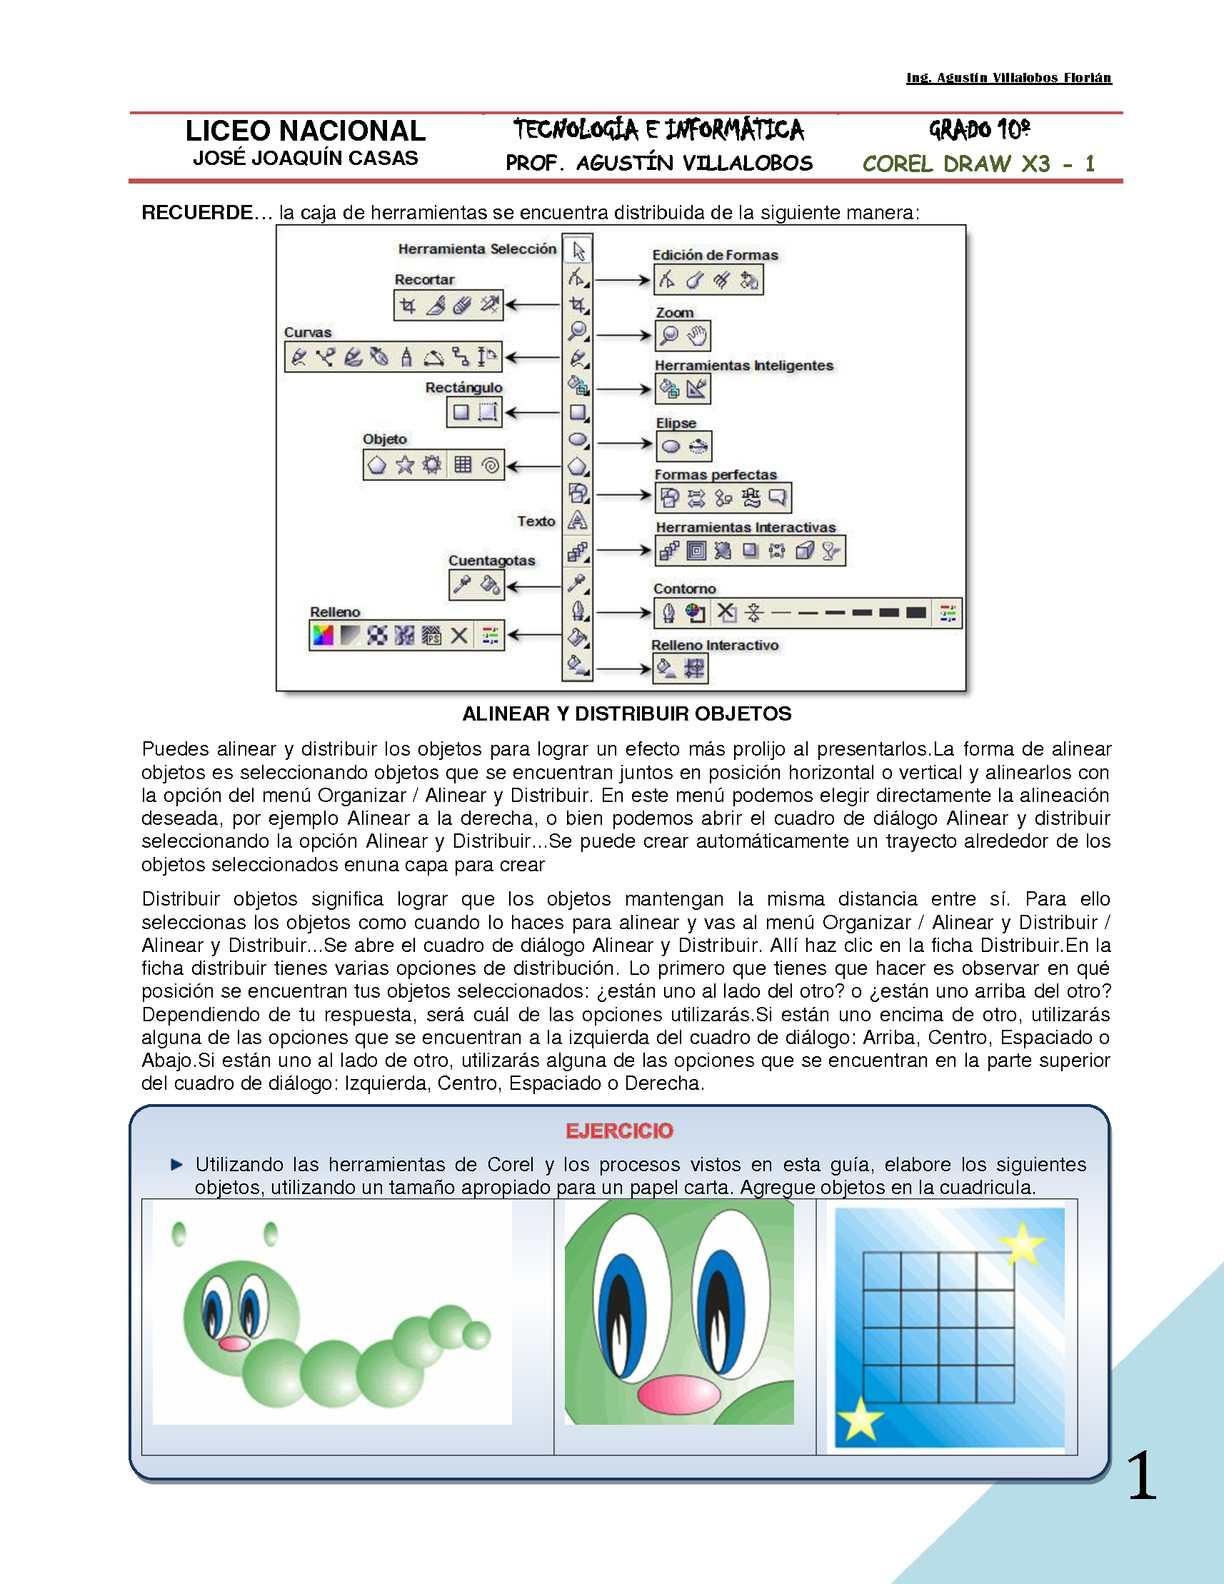 MANUAL COREL DRAW X3_AVANZADO